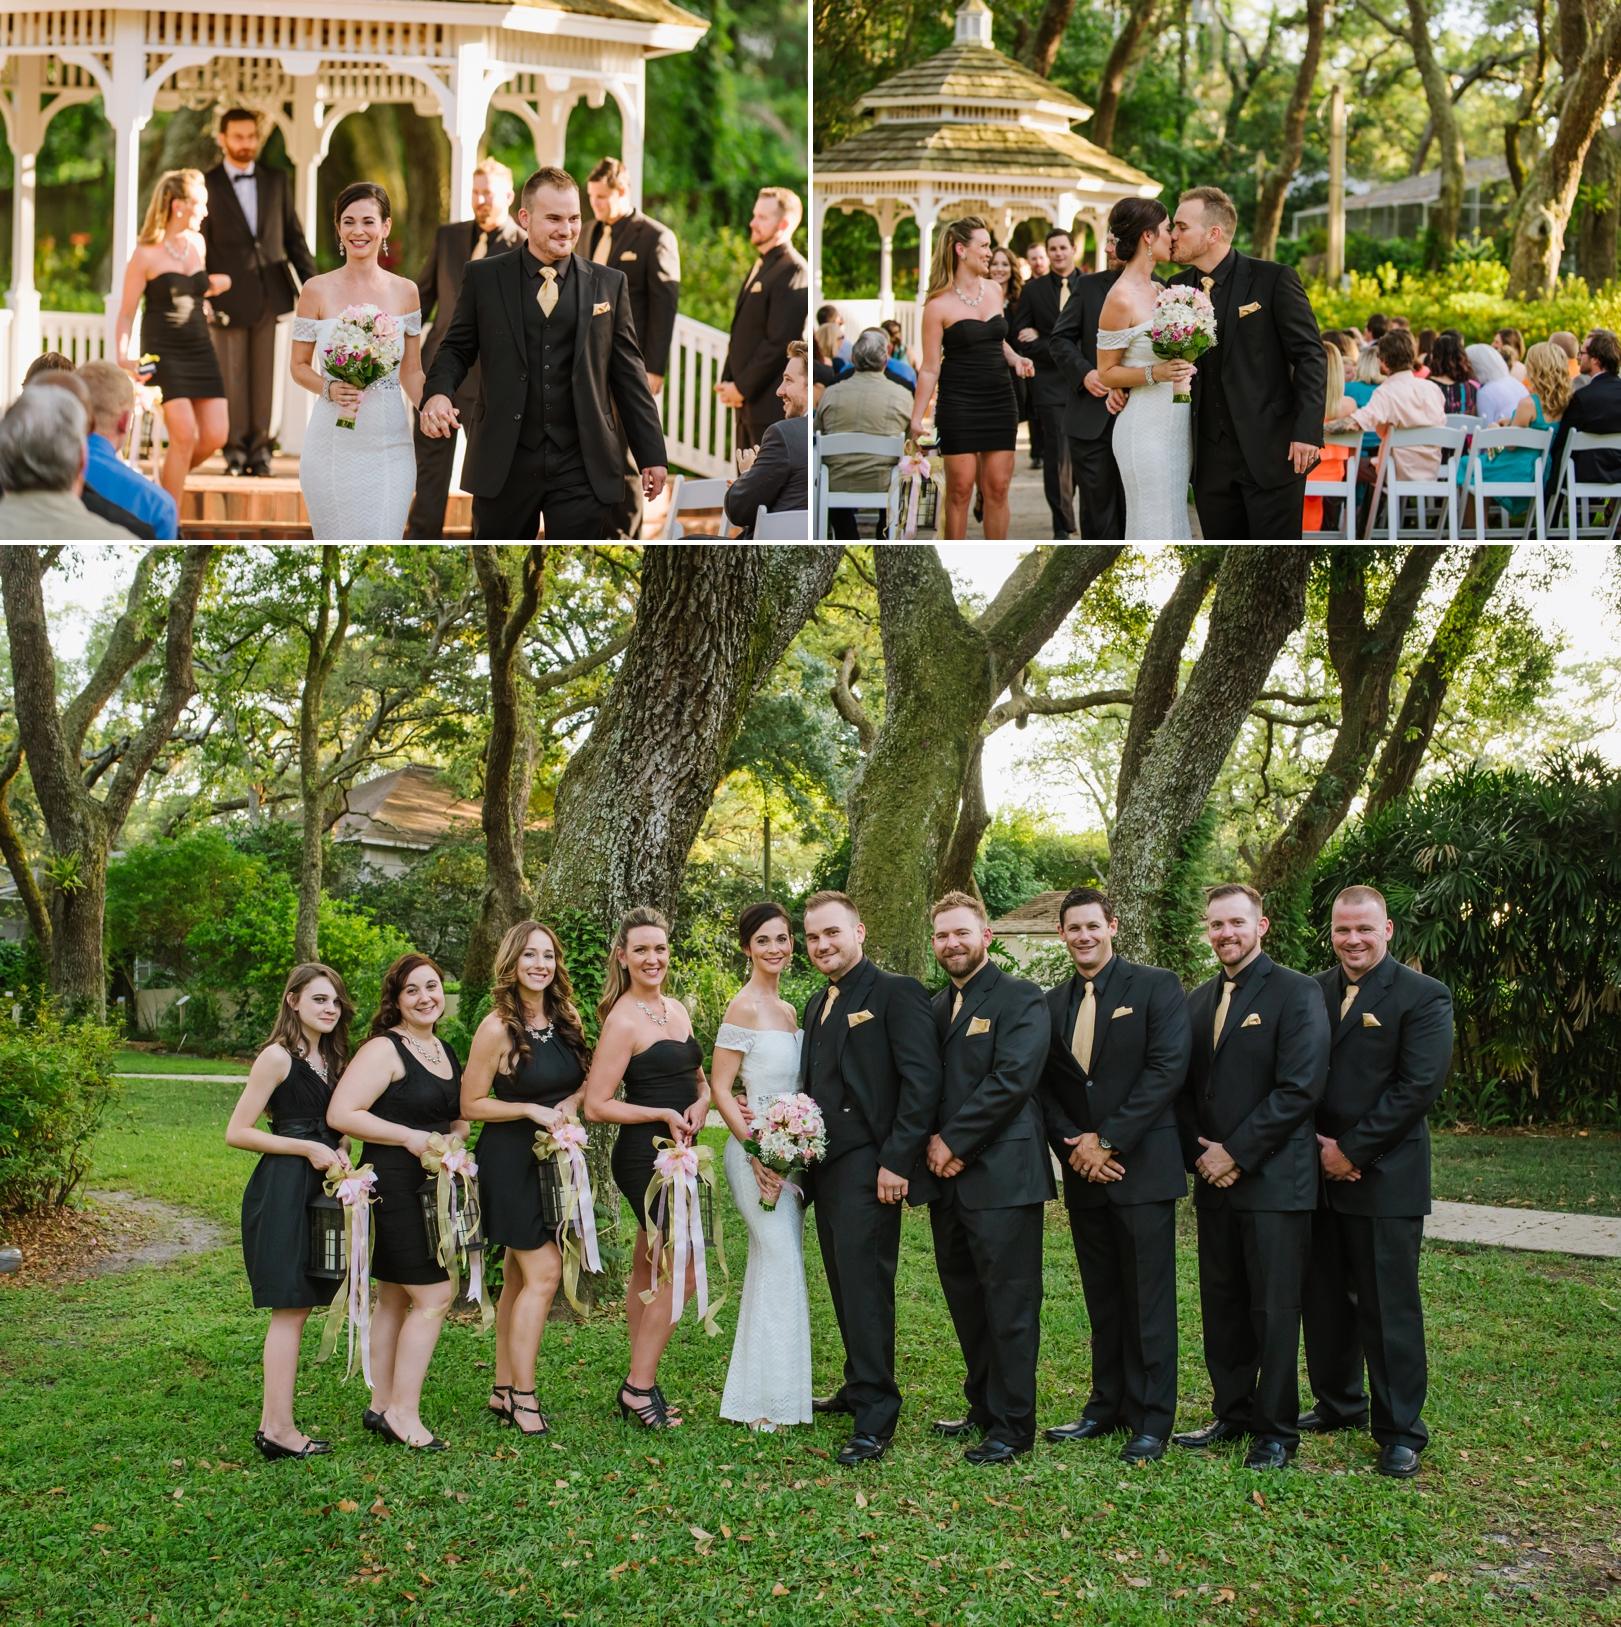 ashlee-hamon-photography-tampa-rustic-outdoor-traditional-wedding_0008.jpg